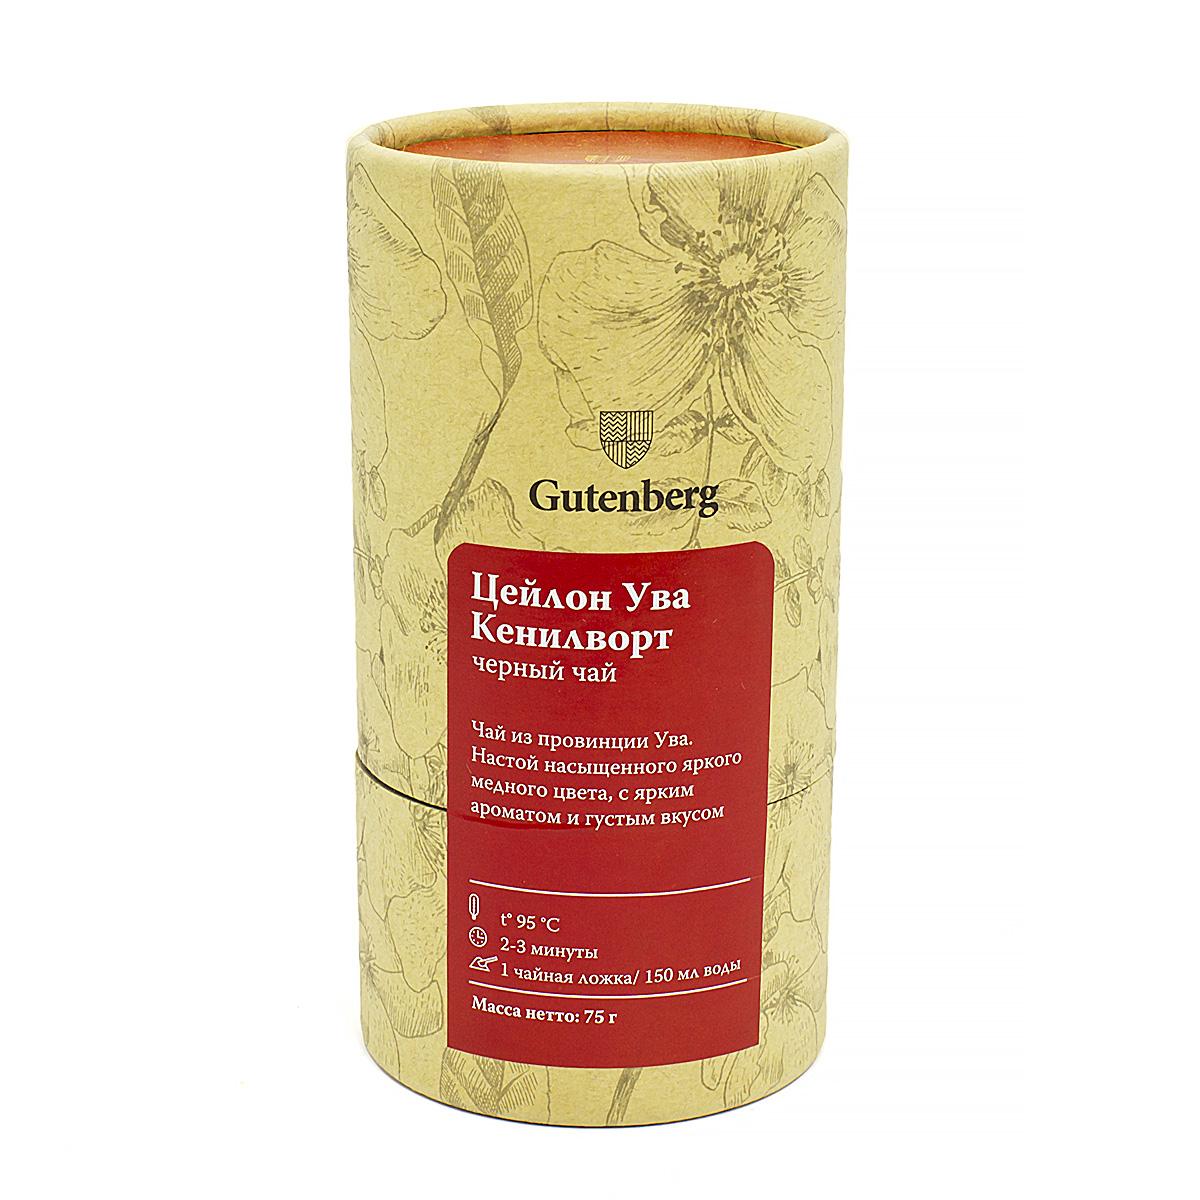 Чай черный Цейлон Ува Кенилворт ОР1, тубус, 75 г nadin вдохновение чай черный 75 г